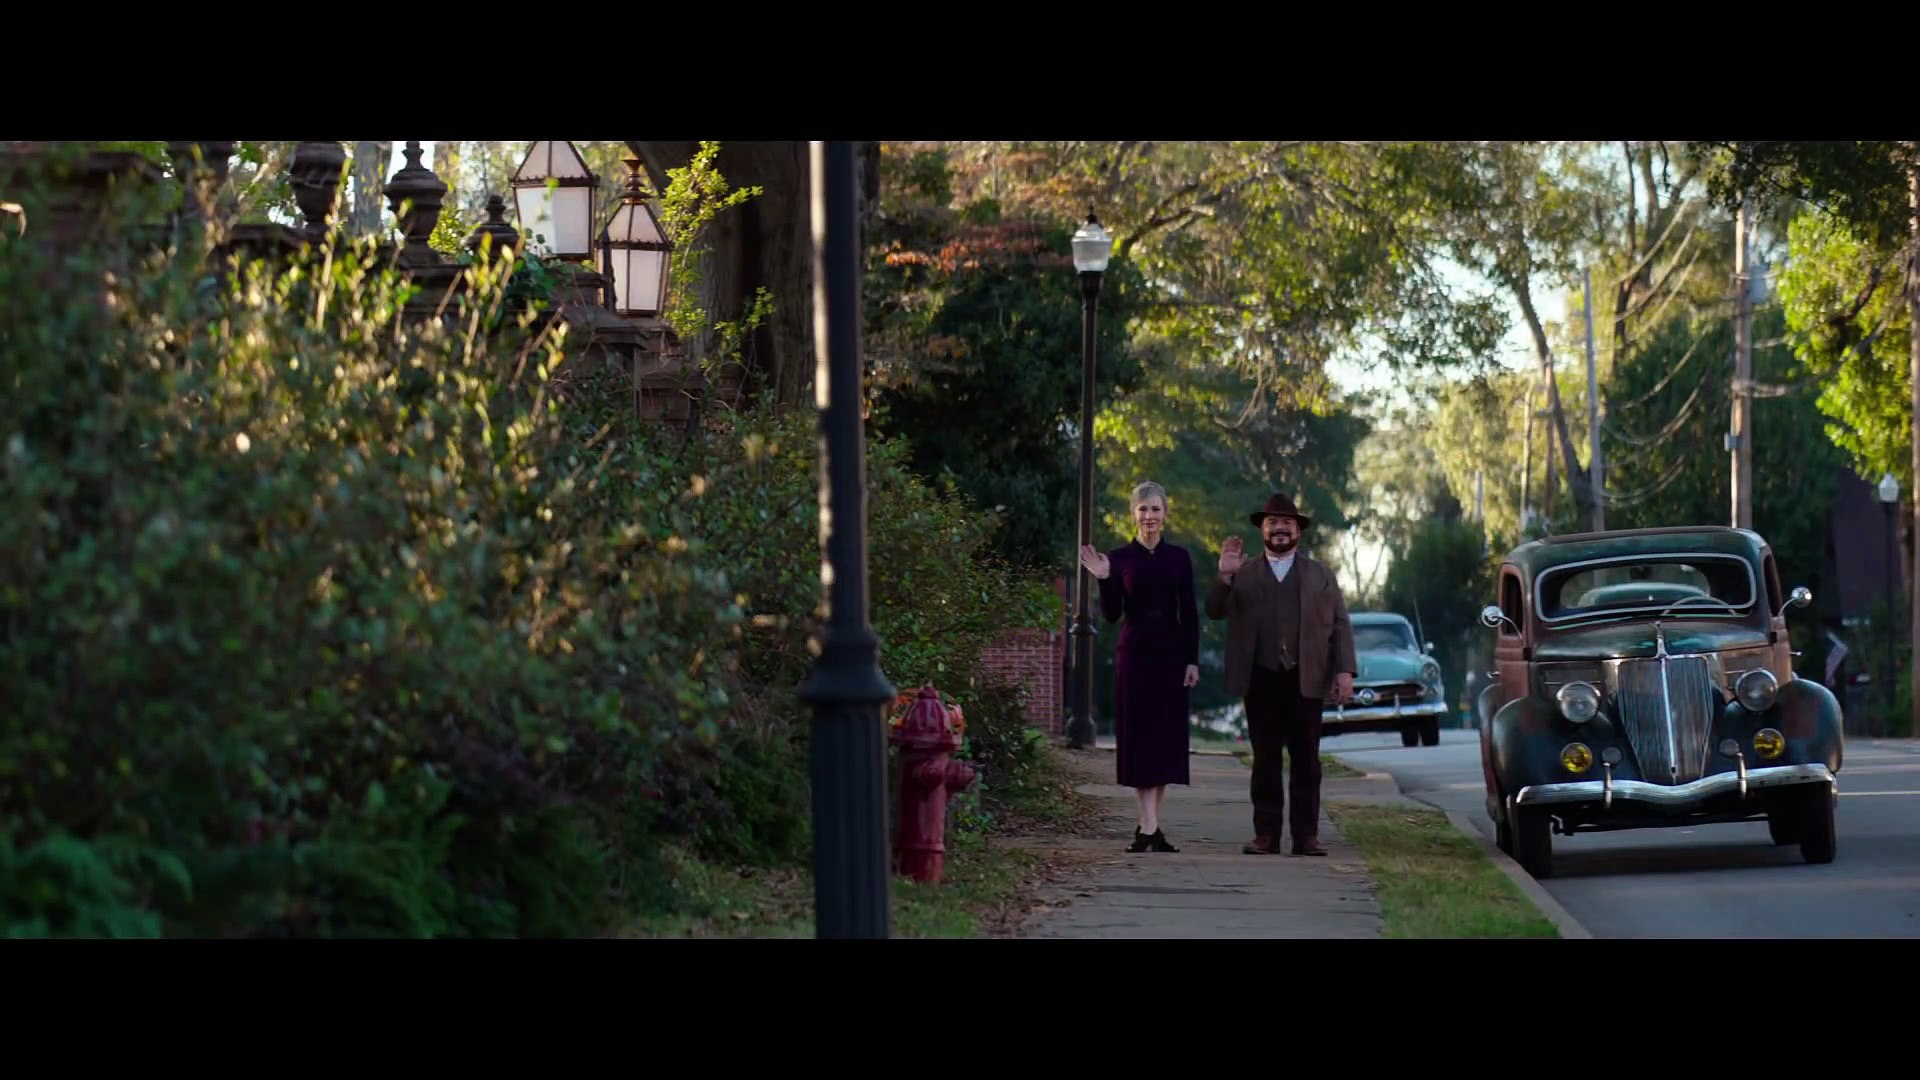 La Prophétie de l'horloge (HD) - Seconde bande-annonce avec Jack Black et Cate Blanchett